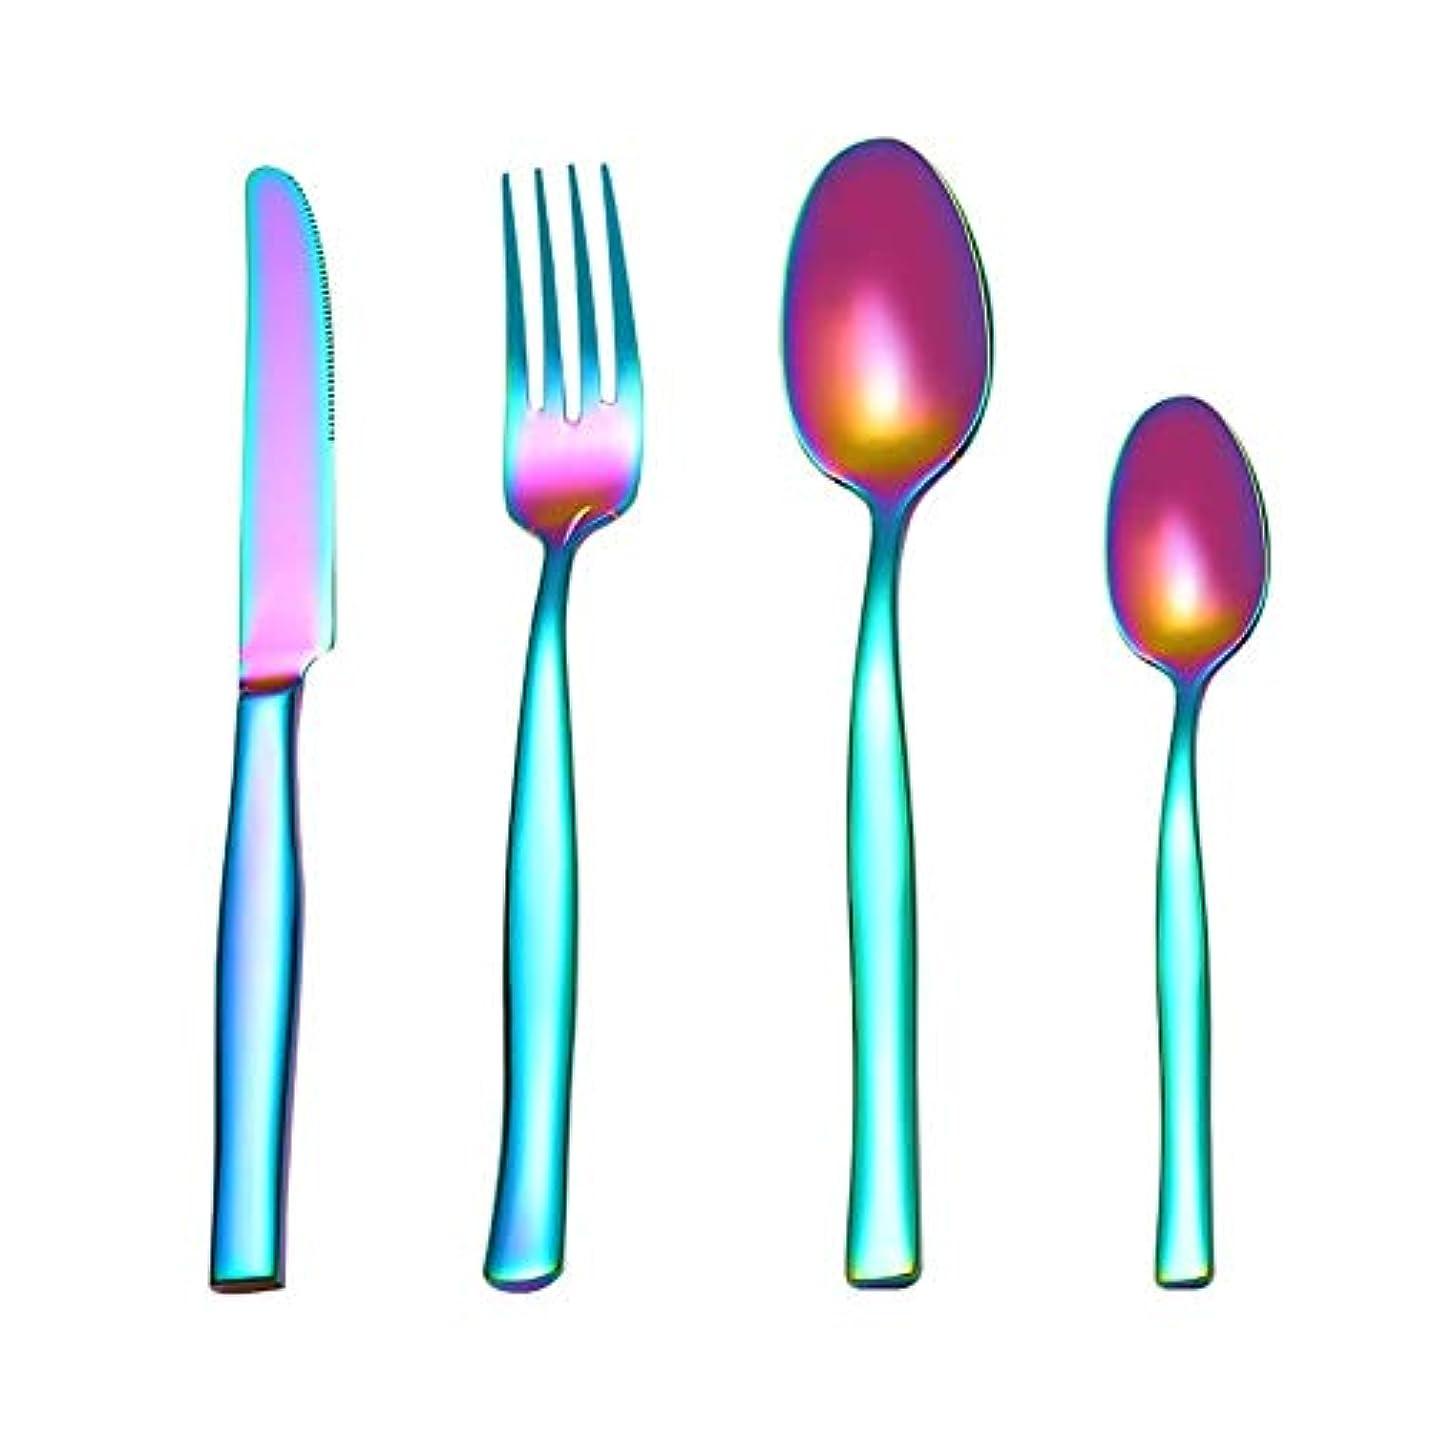 食い違いパッチクレデンシャルGuomao 電子キャンドル、リモコン、金線、電子キャンドル、クリエイティブキャンドル (Size : 3)